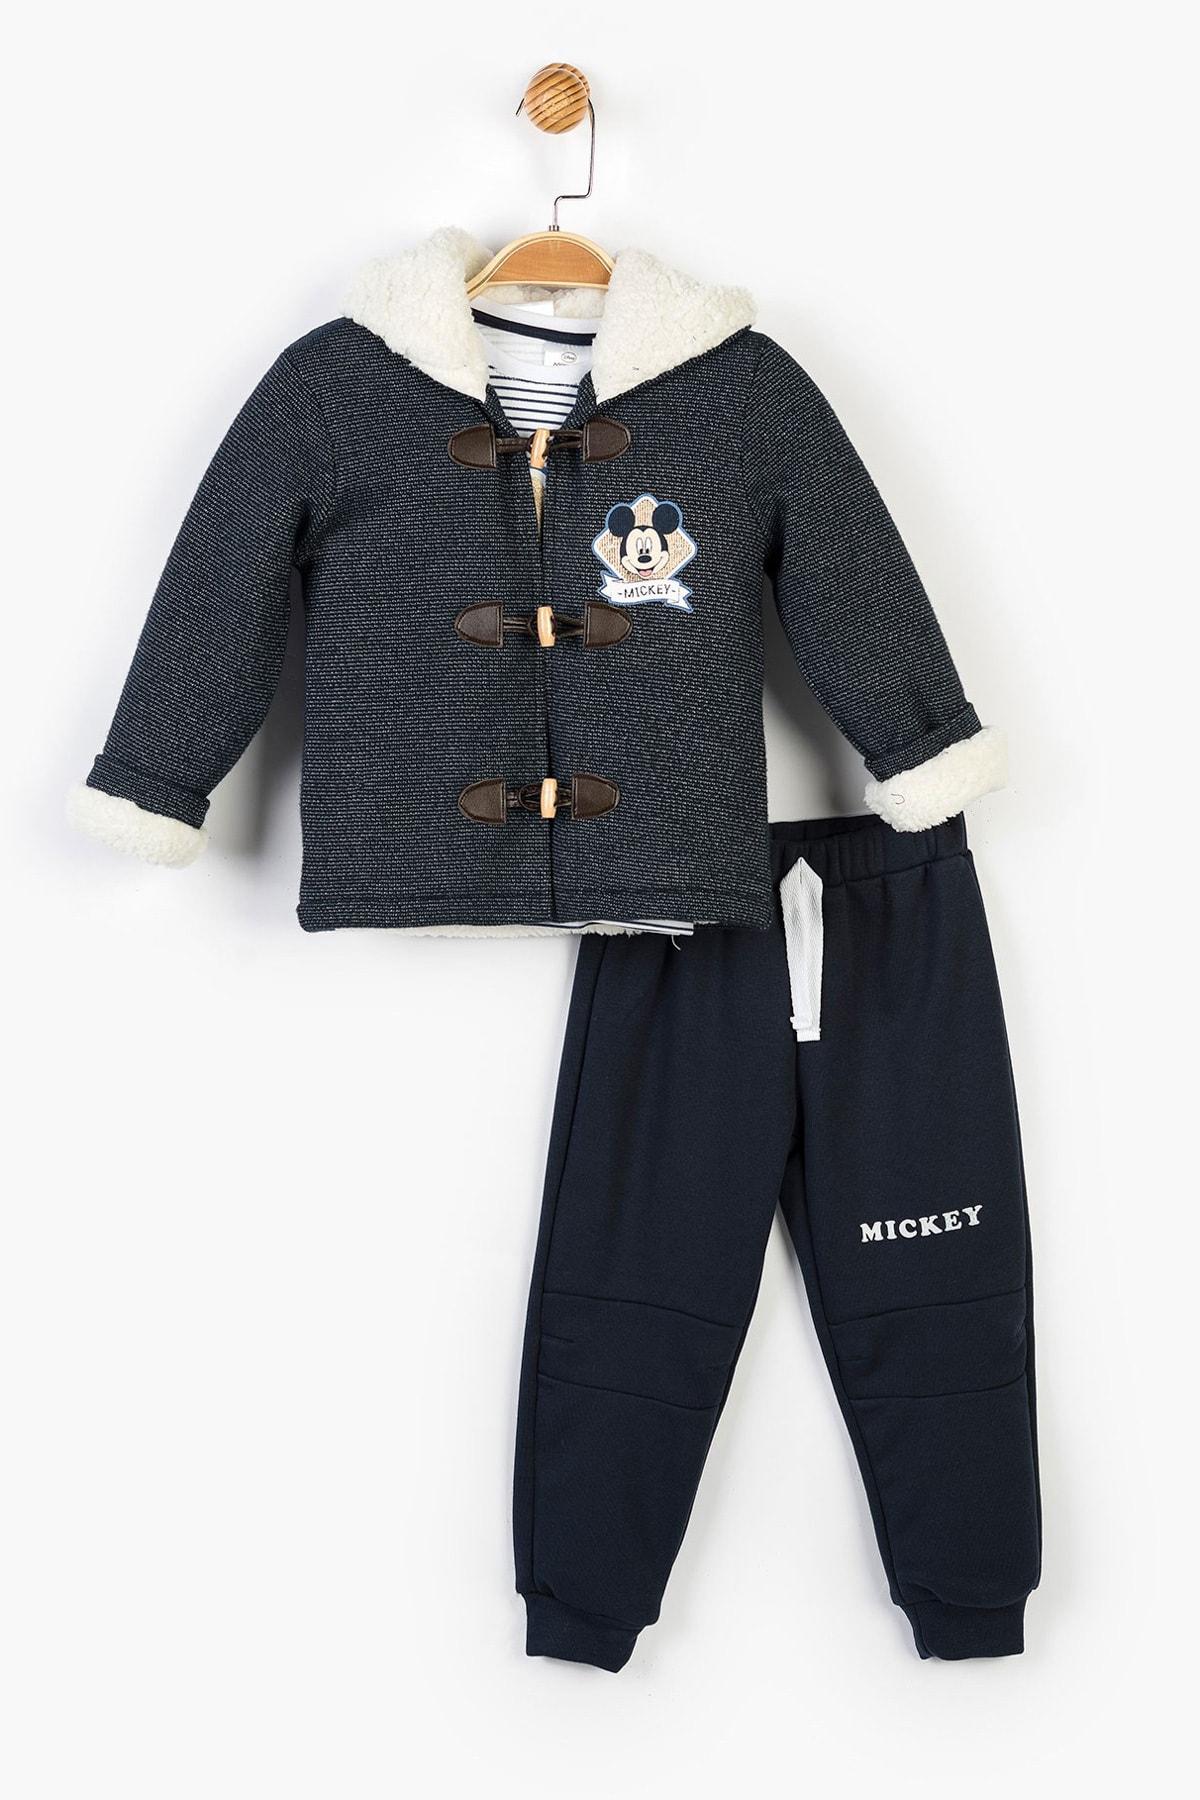 Mickey Mouse Disney Çocuk Kapüşonlu 3lü Takım 14729 1